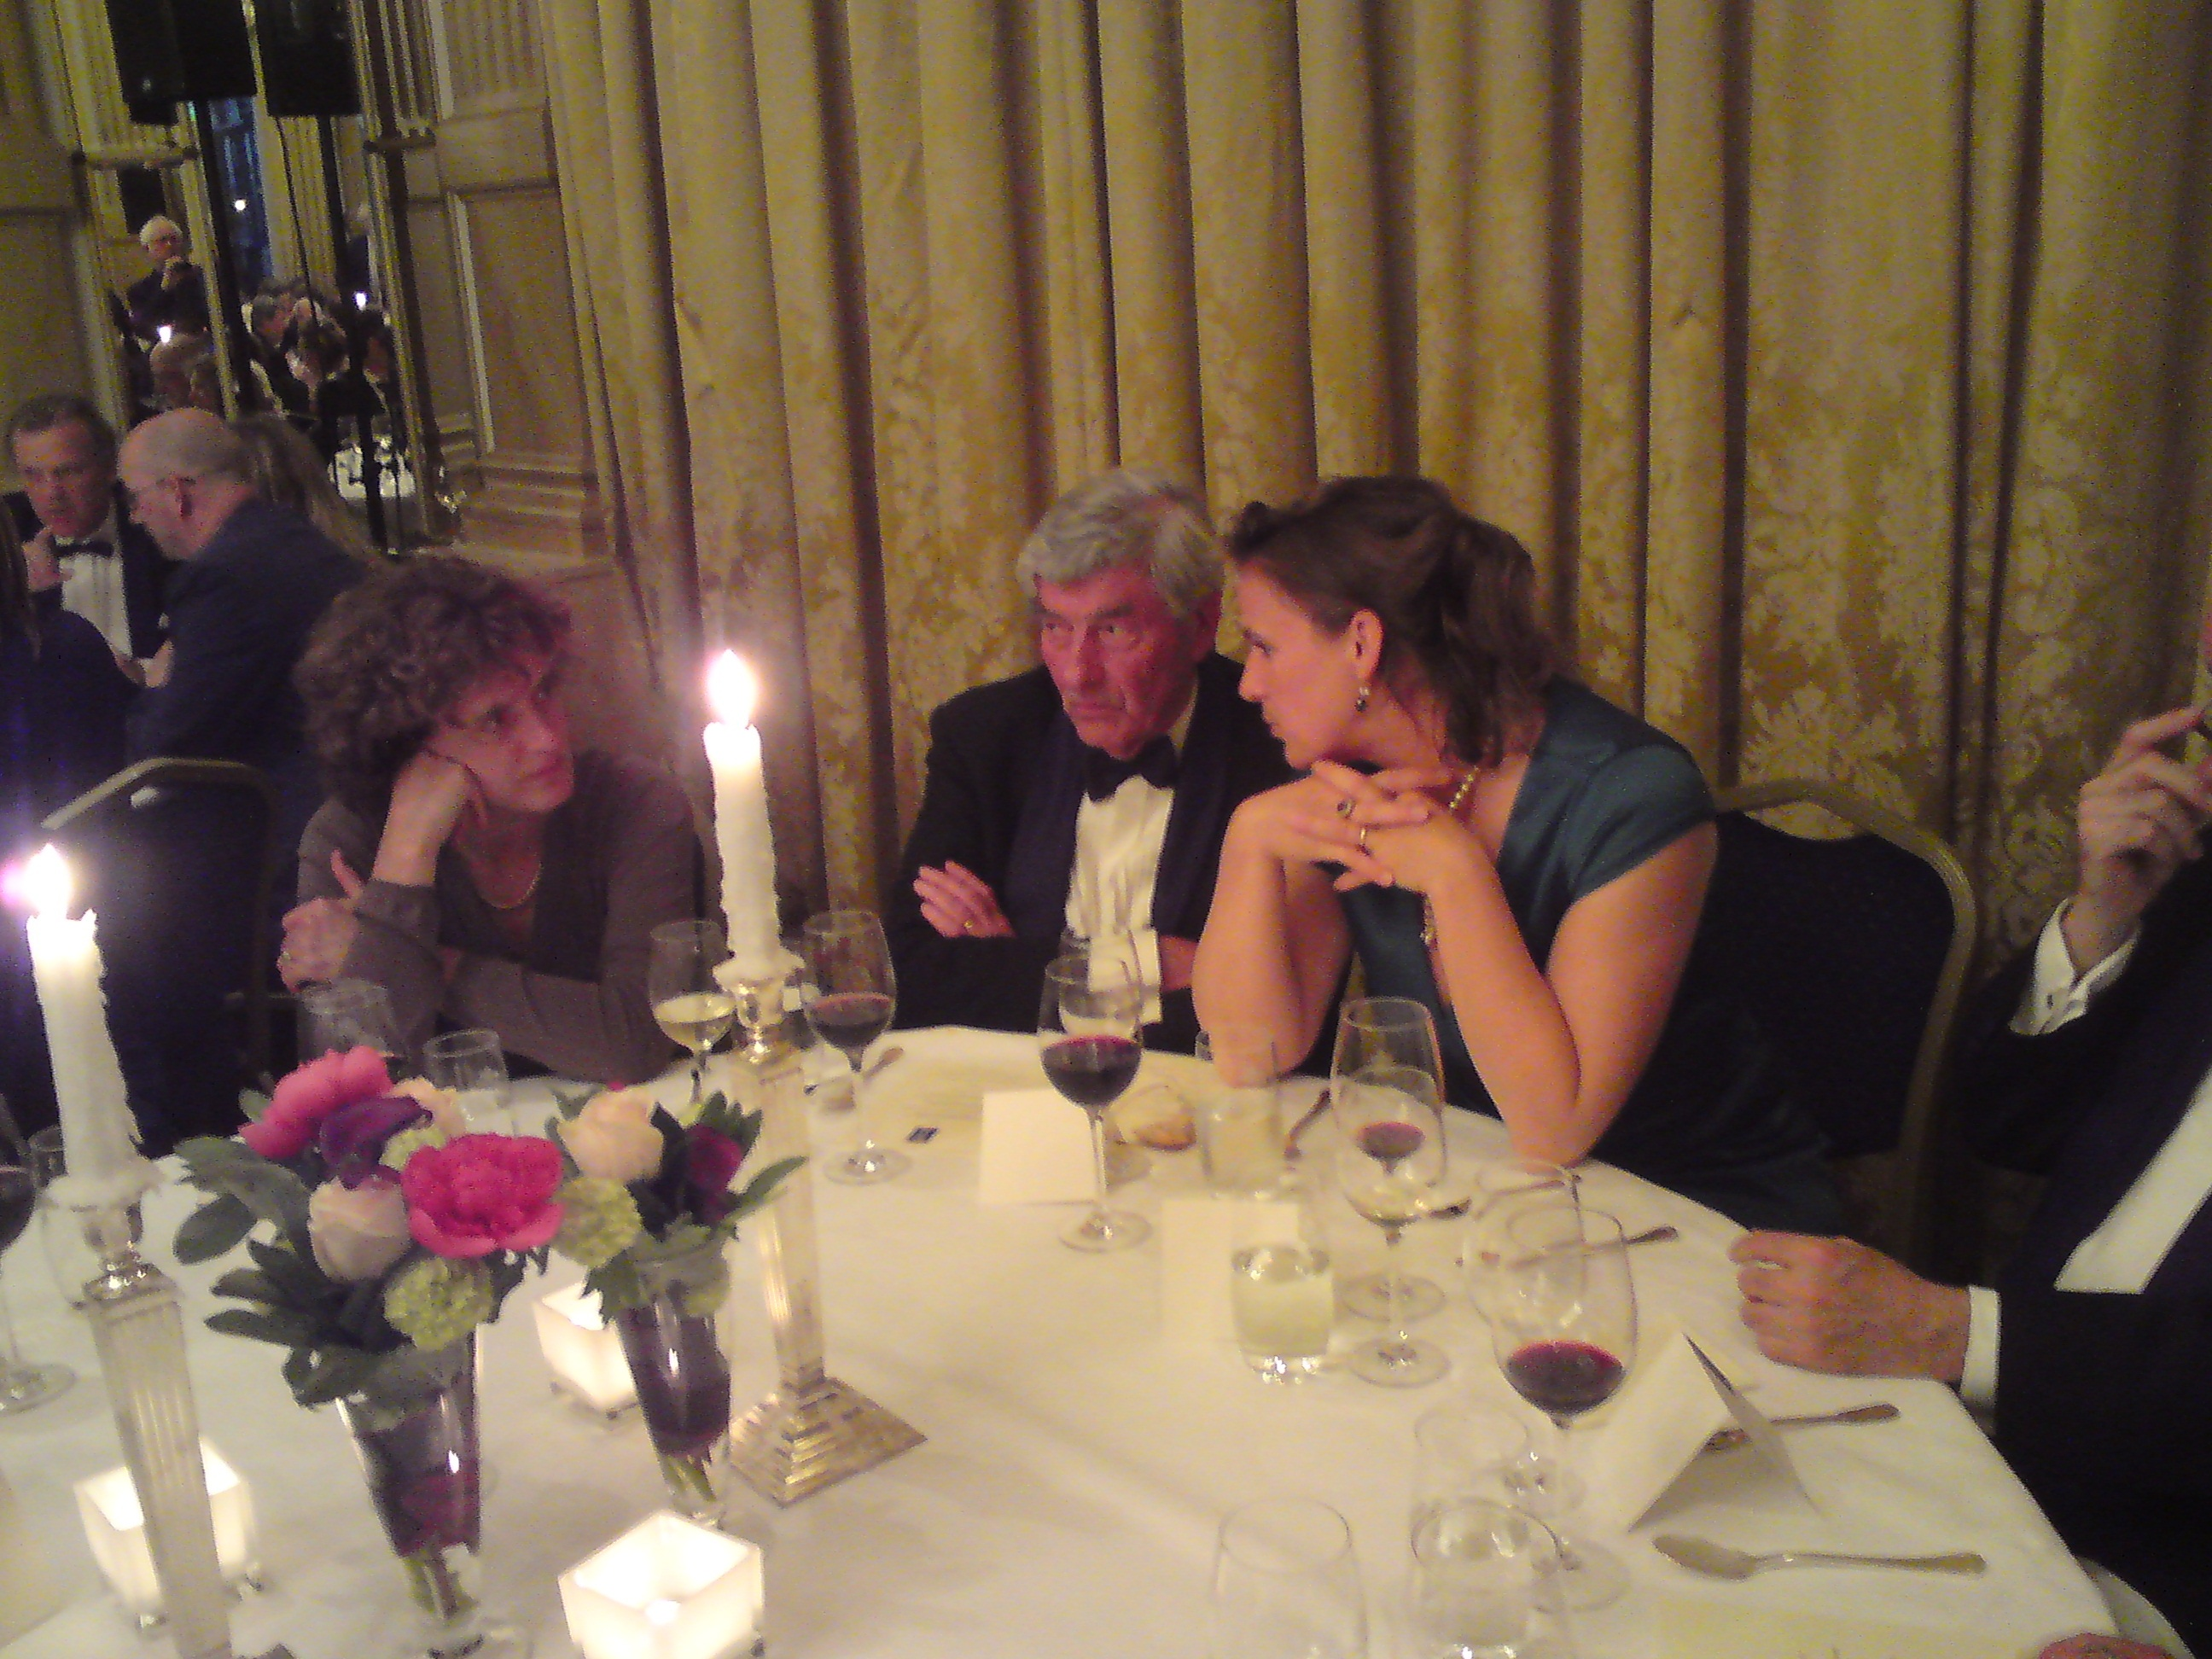 V.l.n.r. Marij Bertram, directeur van Nieuw Amsterdam, Ruud Lubbers, elder statesman, mevrouw Lubbers